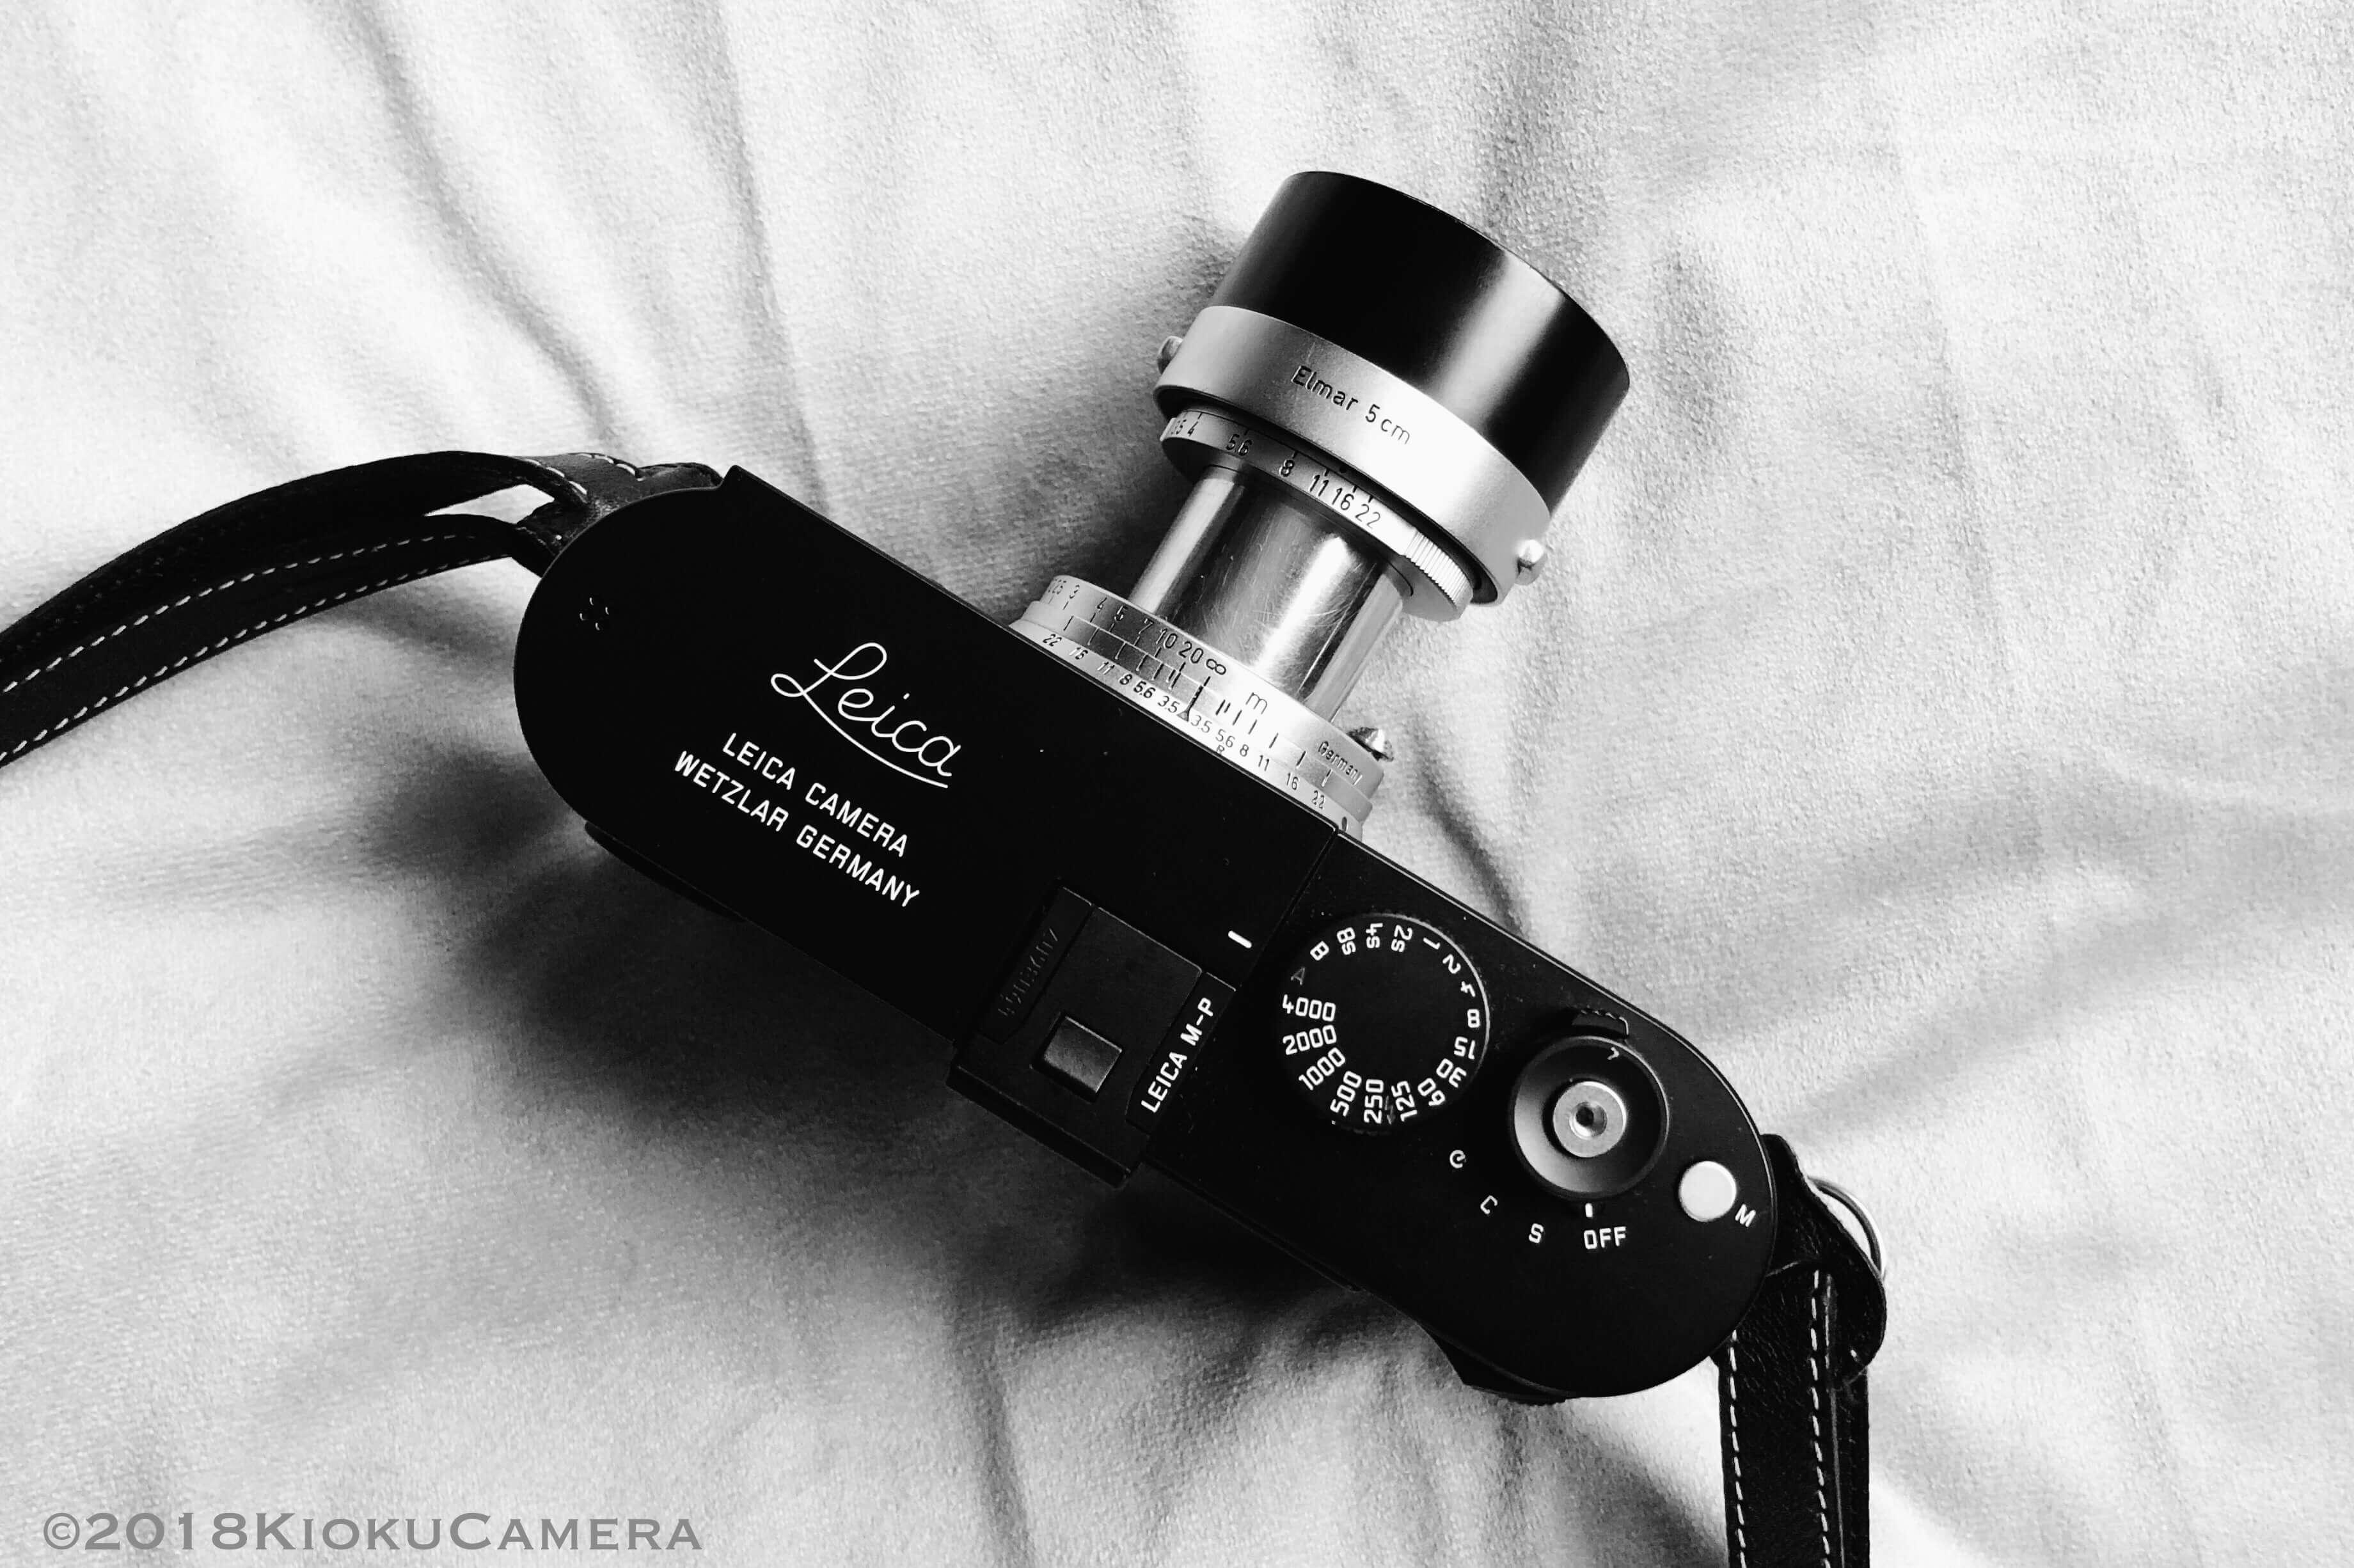 最後に手元に残したいカメラを、時間をかけてゆっくり絞り込んでいく。